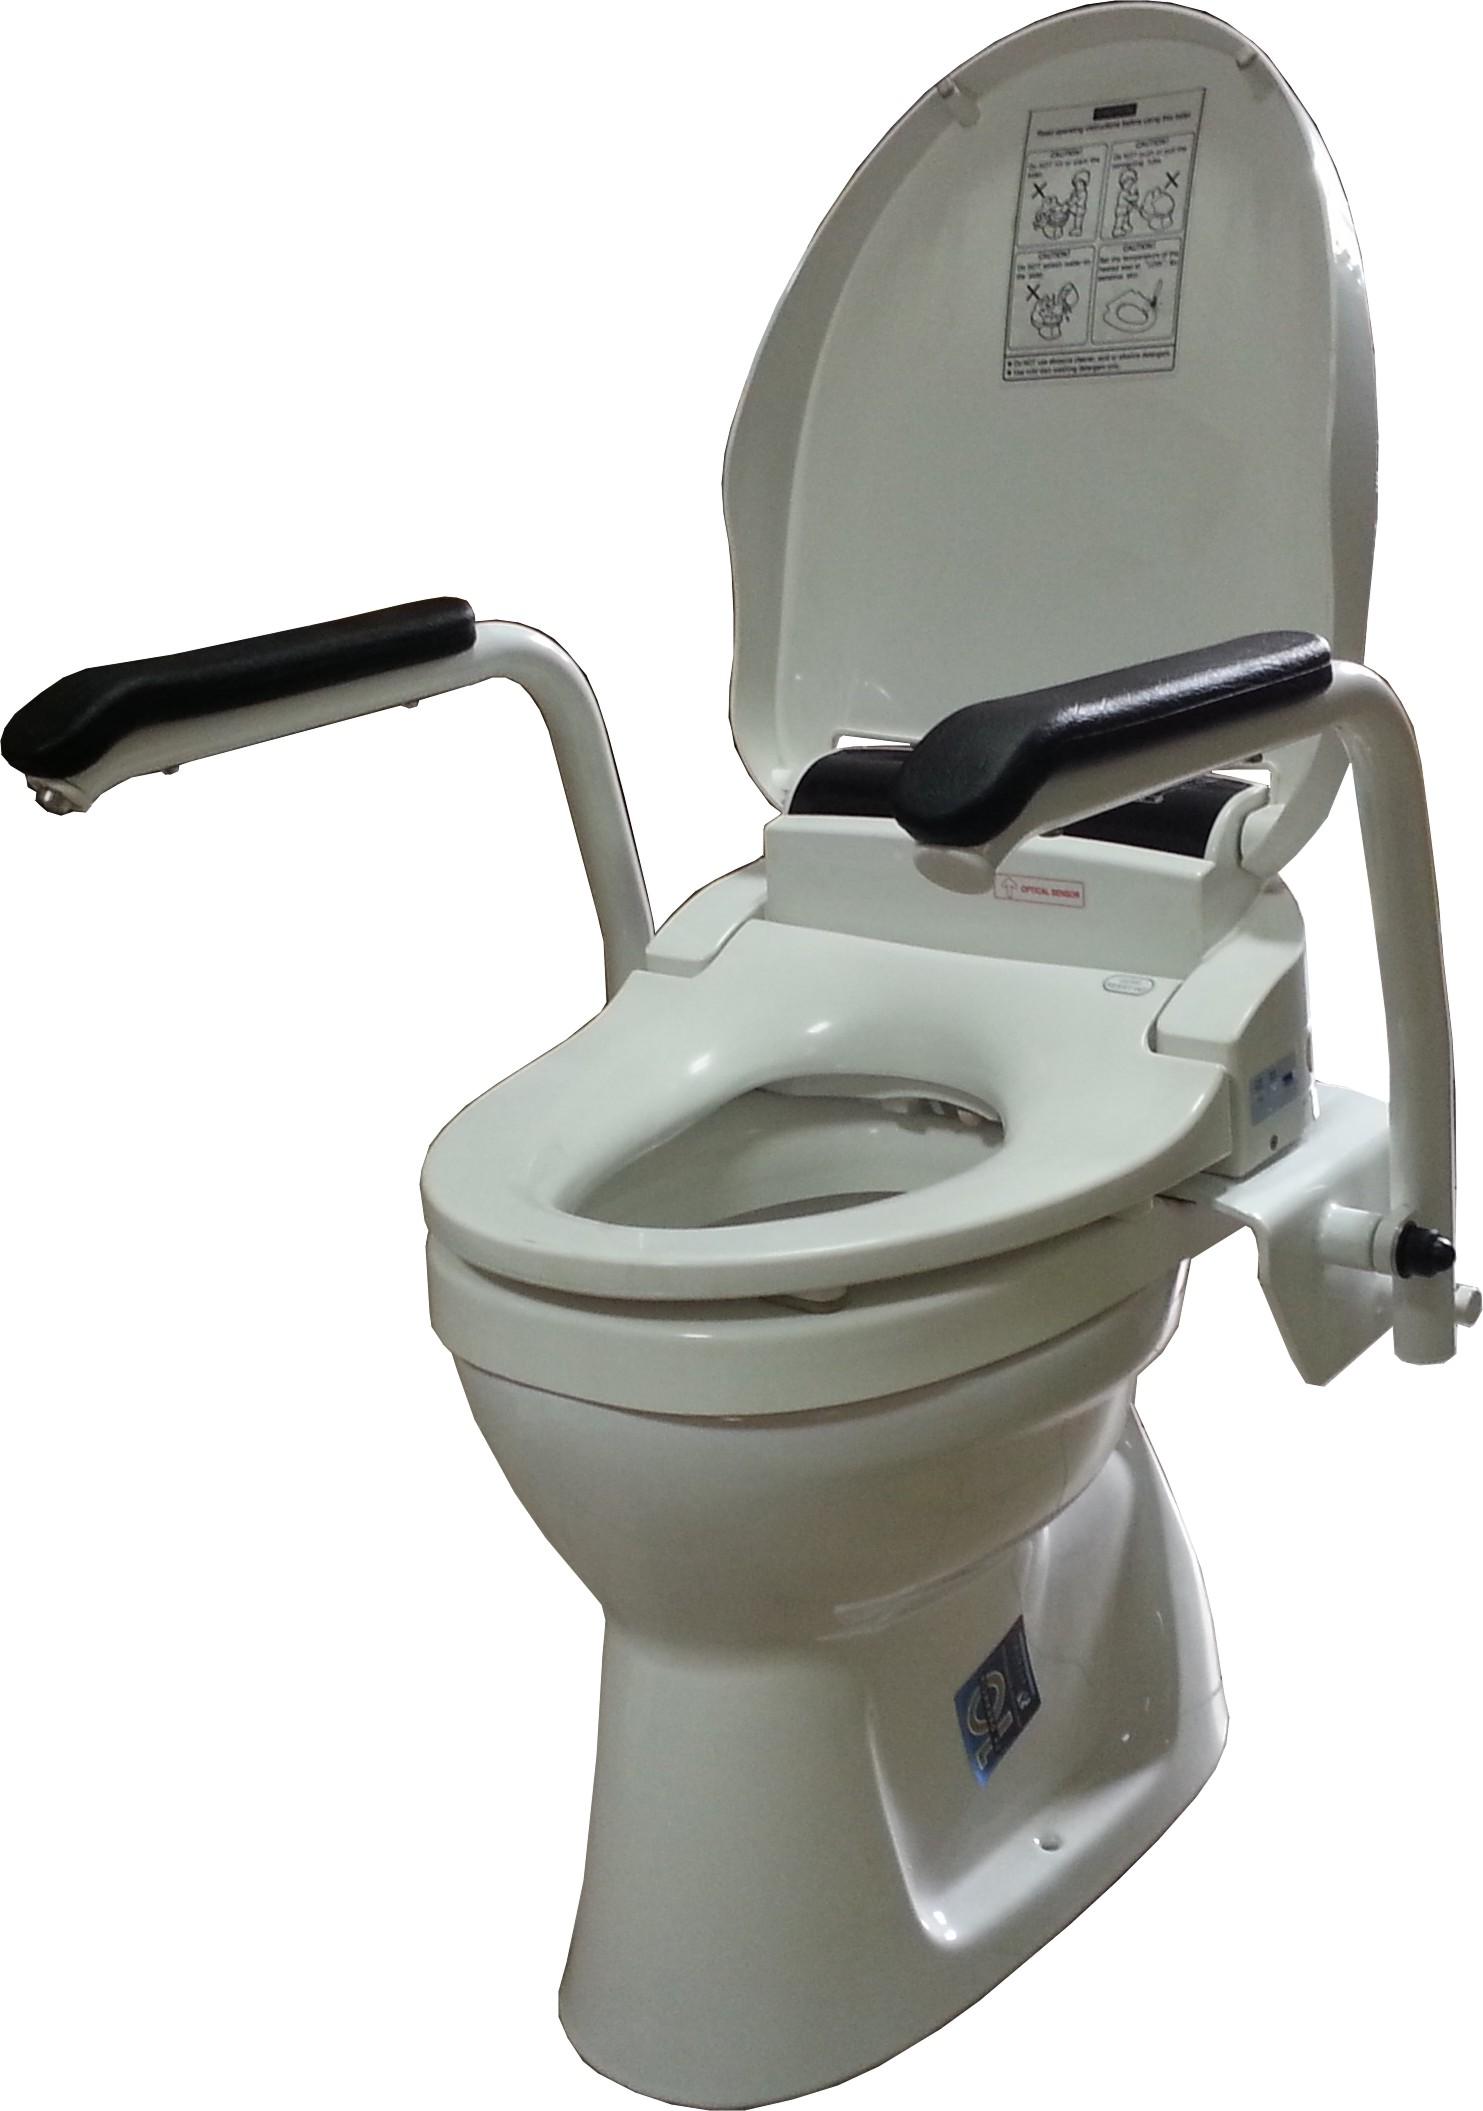 santy griffsystem f r die toilette attris anpassbare sanit rtechnik. Black Bedroom Furniture Sets. Home Design Ideas